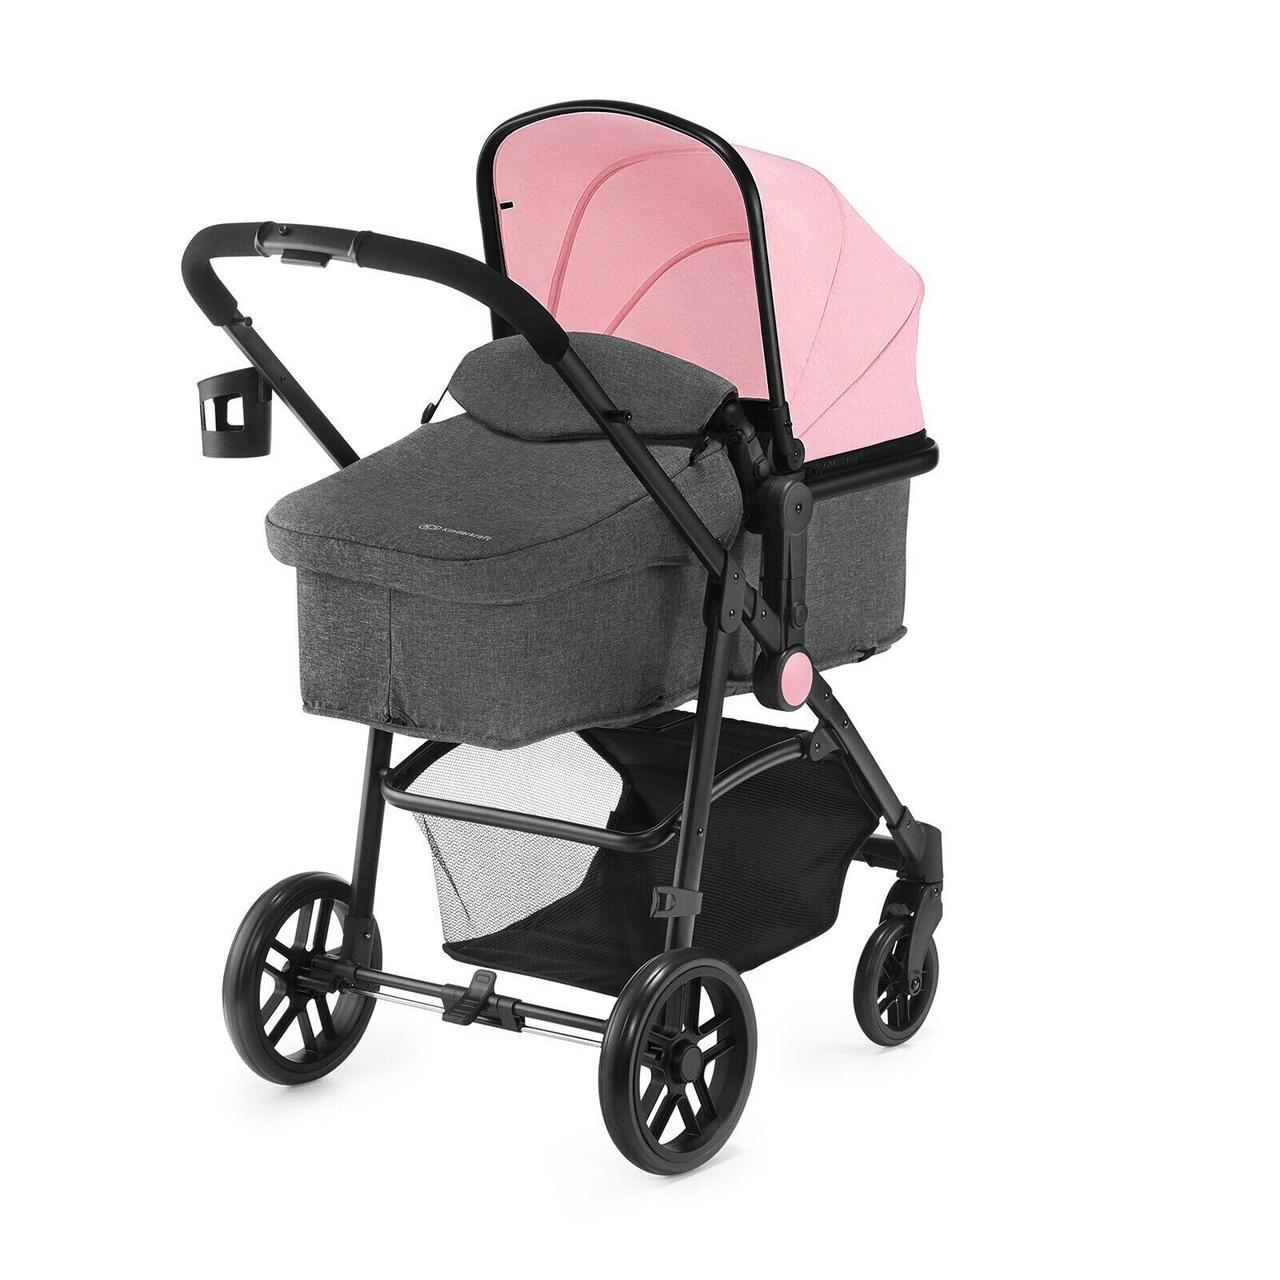 Универсальная коляска 2 в 1 Kinderkraft Juli Pink (KKWJULIPNK2000)